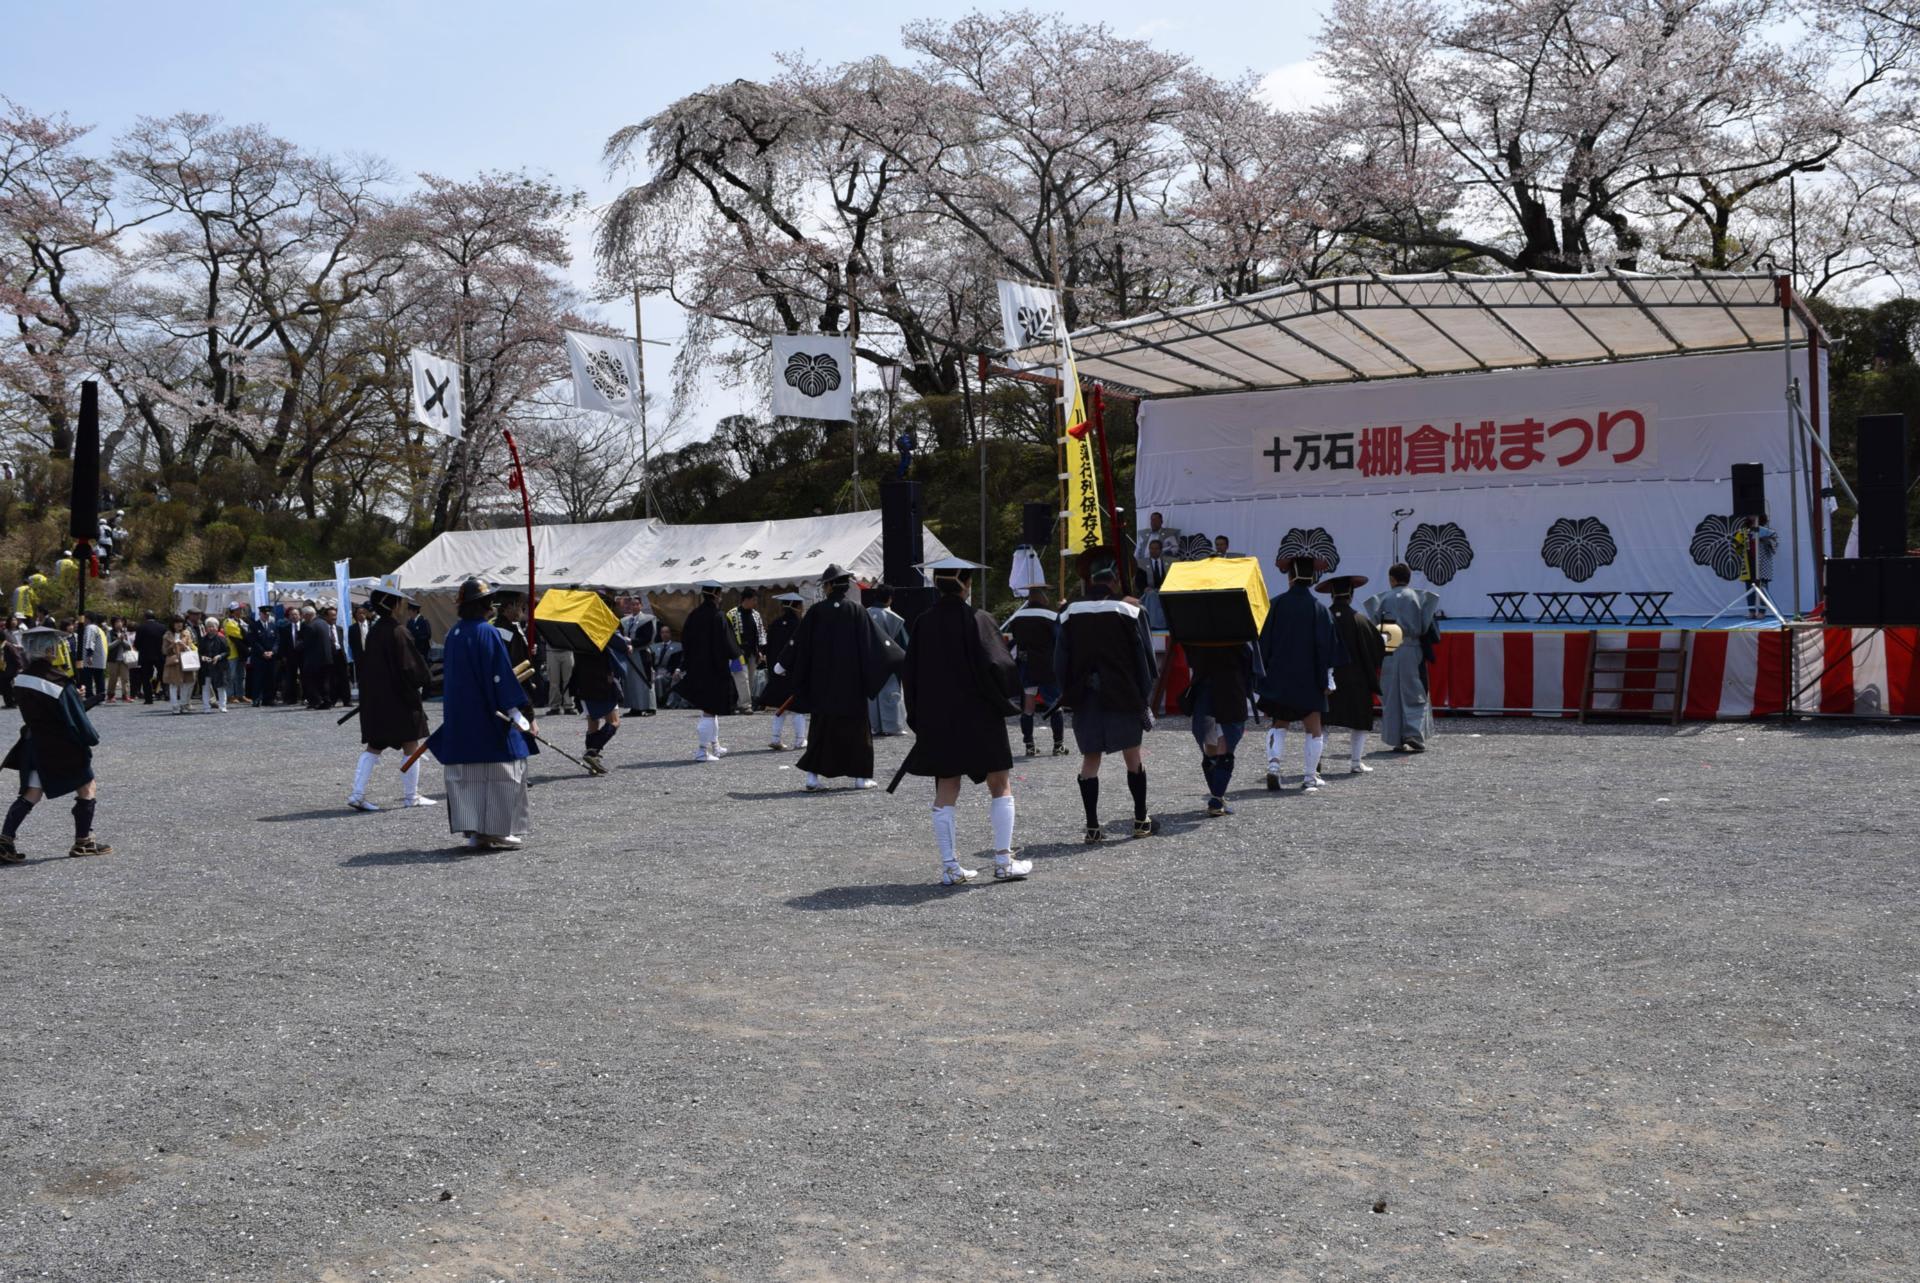 日本の名城・古城 城撮り物語